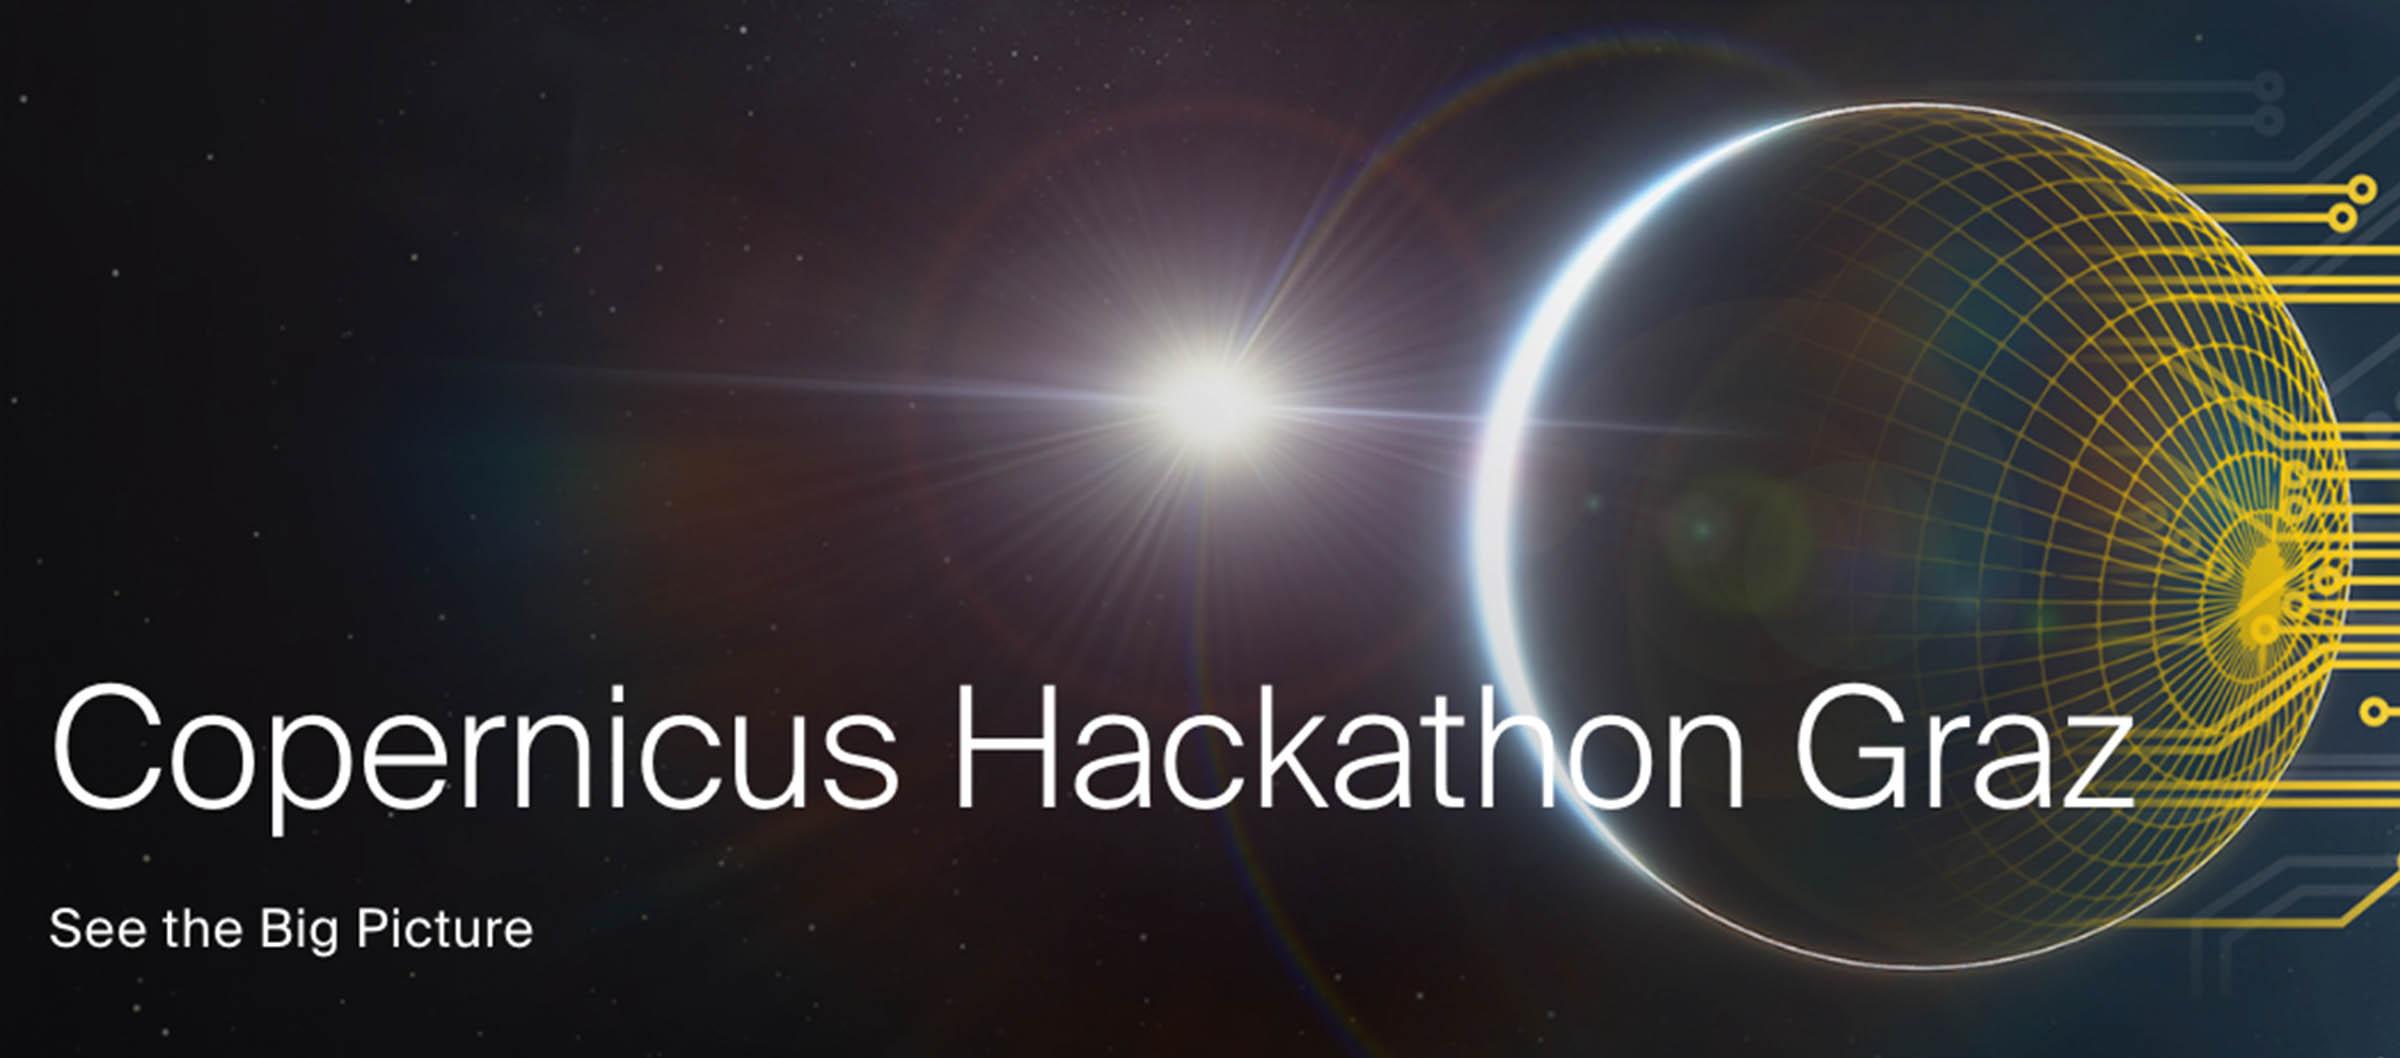 Copernicus Hackathon Austria